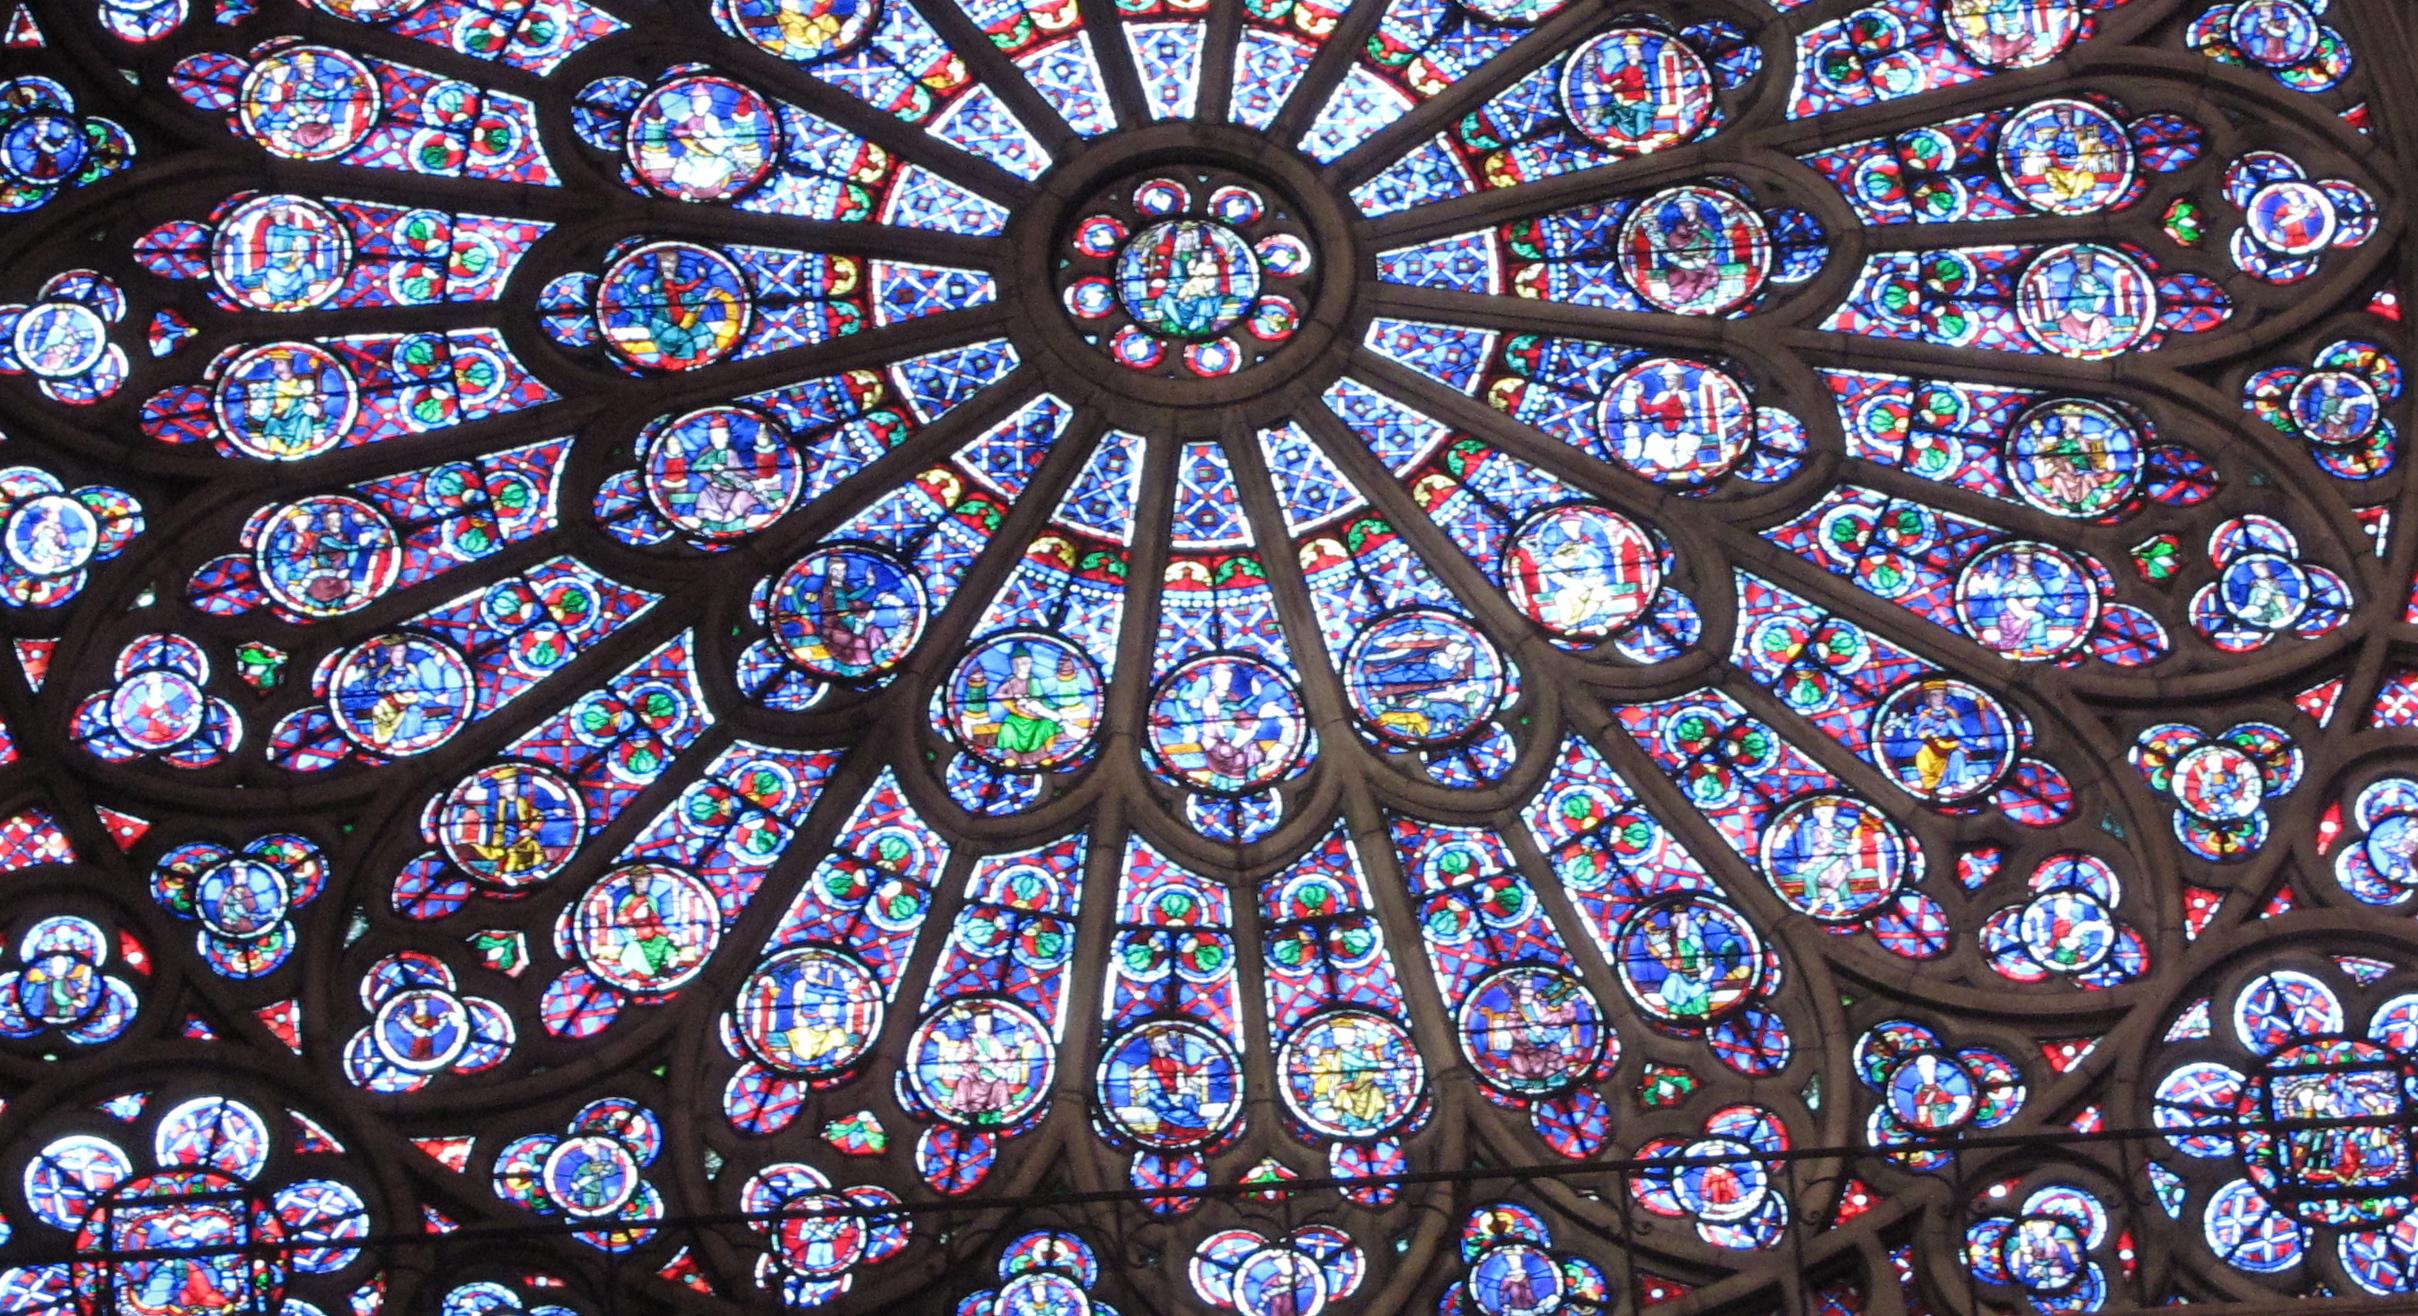 A cross section of the rose window of Notre Dame de Paris